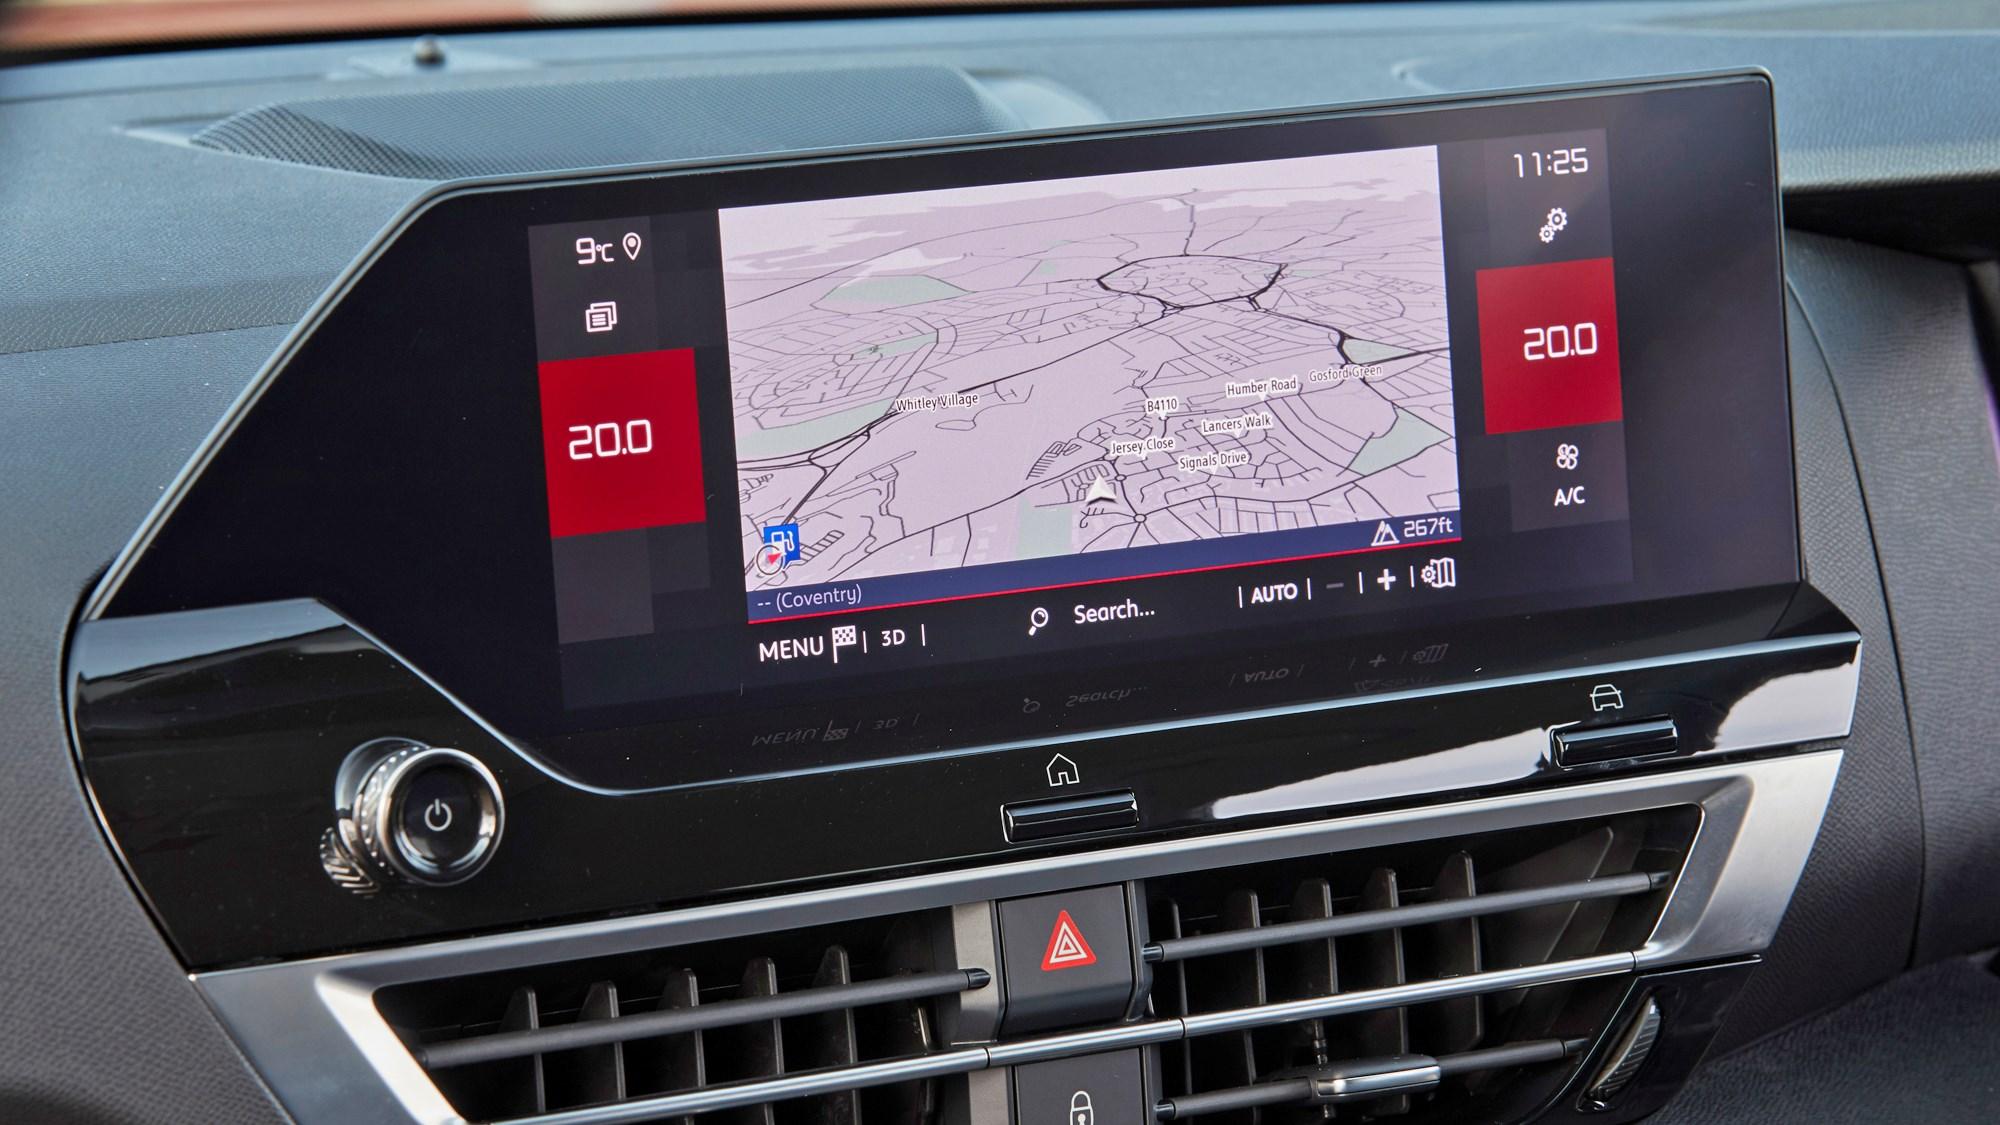 Red 2021 Citroen C4 multimedia screen close-up